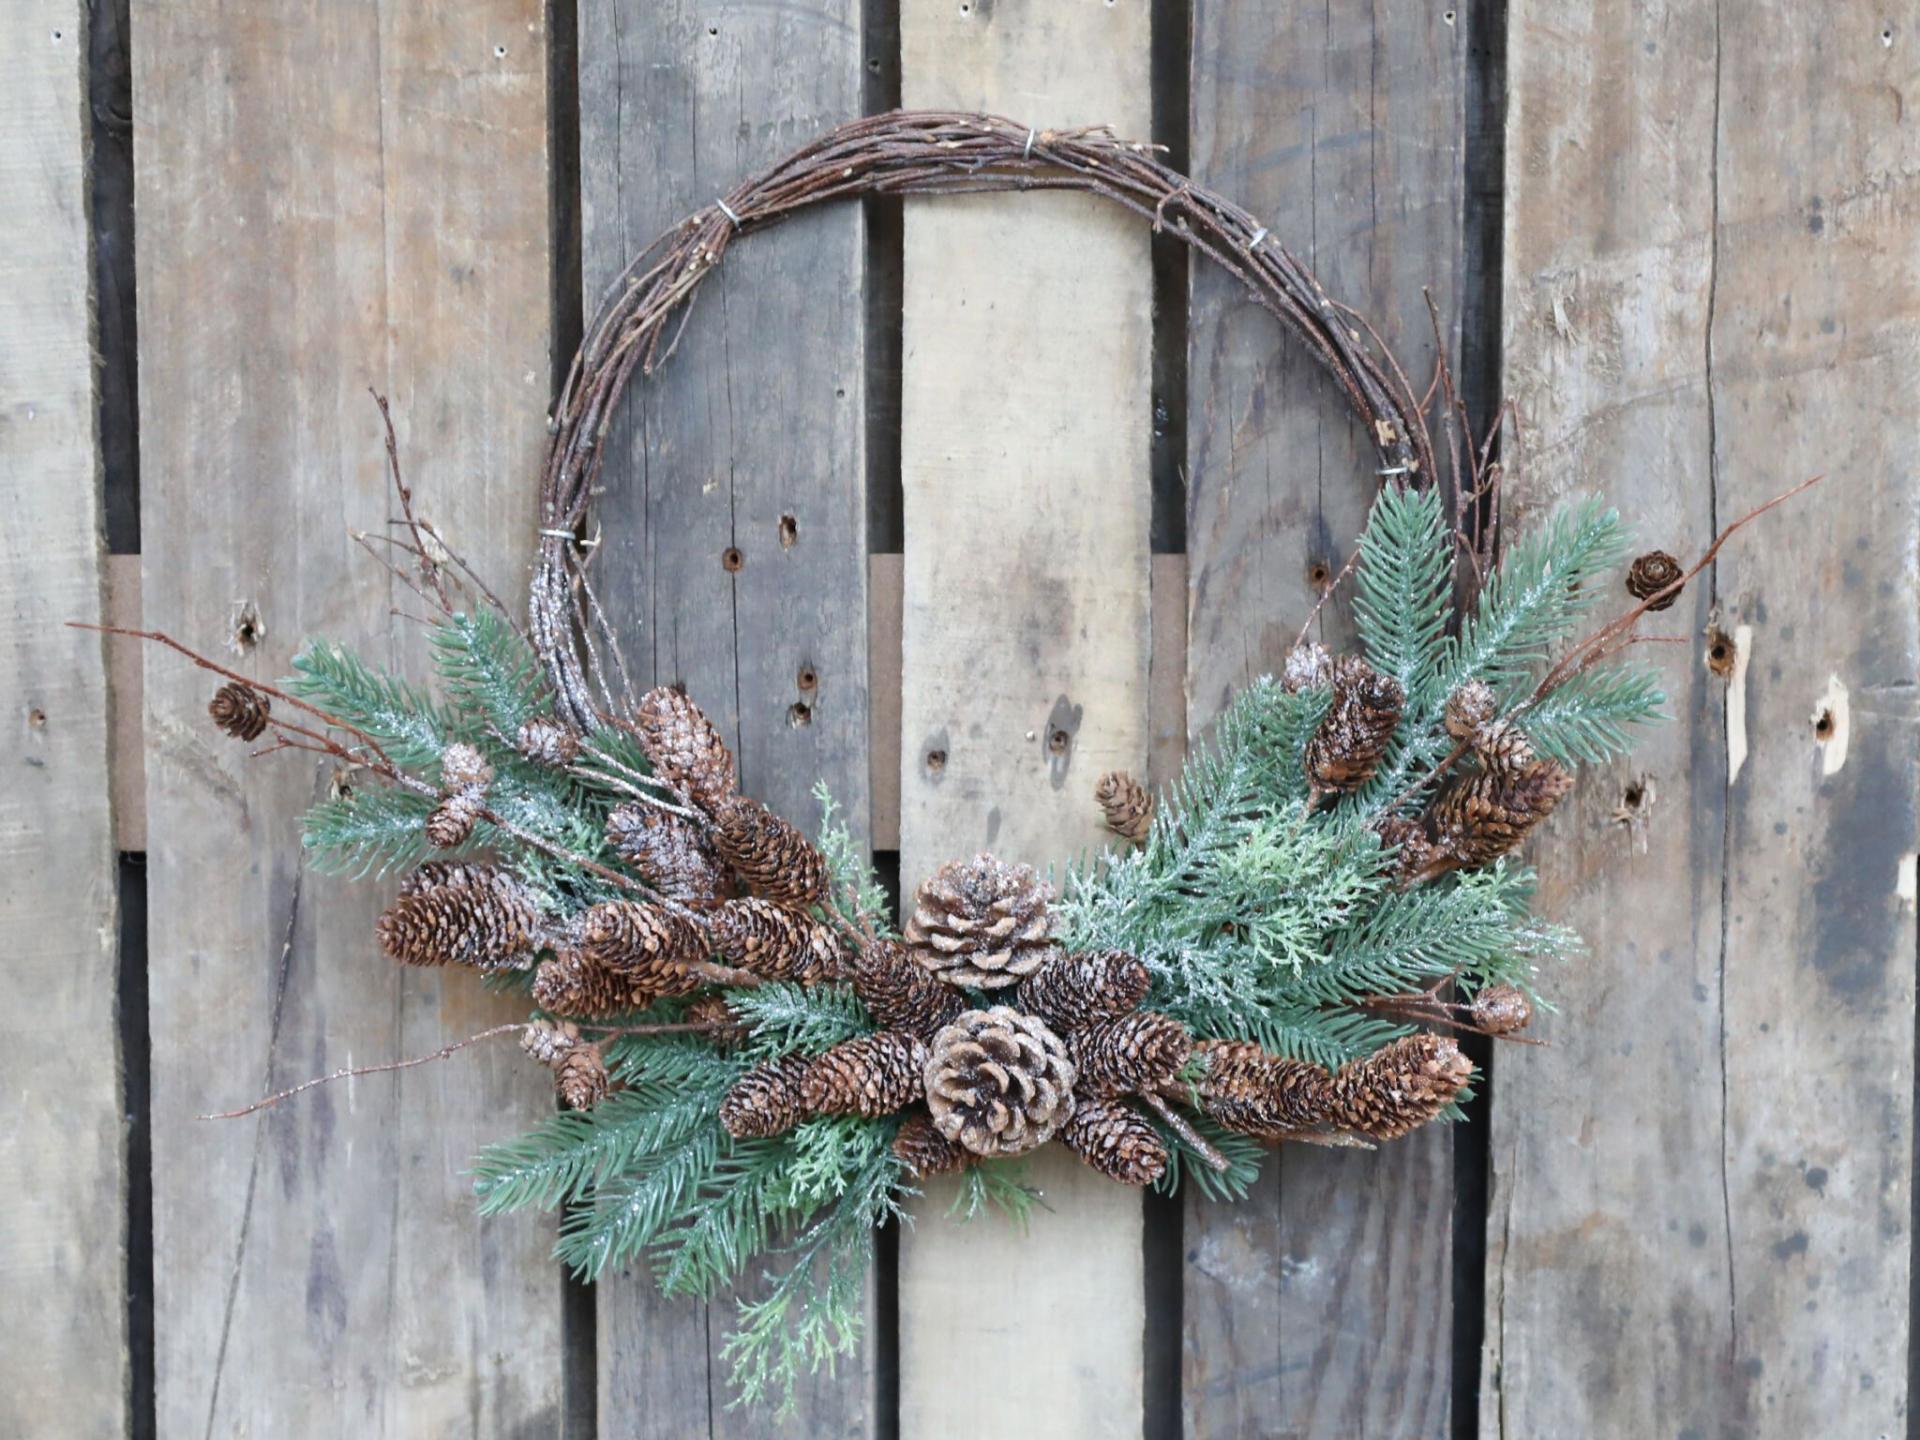 Chic Antique Dekorativní věnec Branches and Cones 36 cm, zelená barva, hnědá barva, dřevo, plast